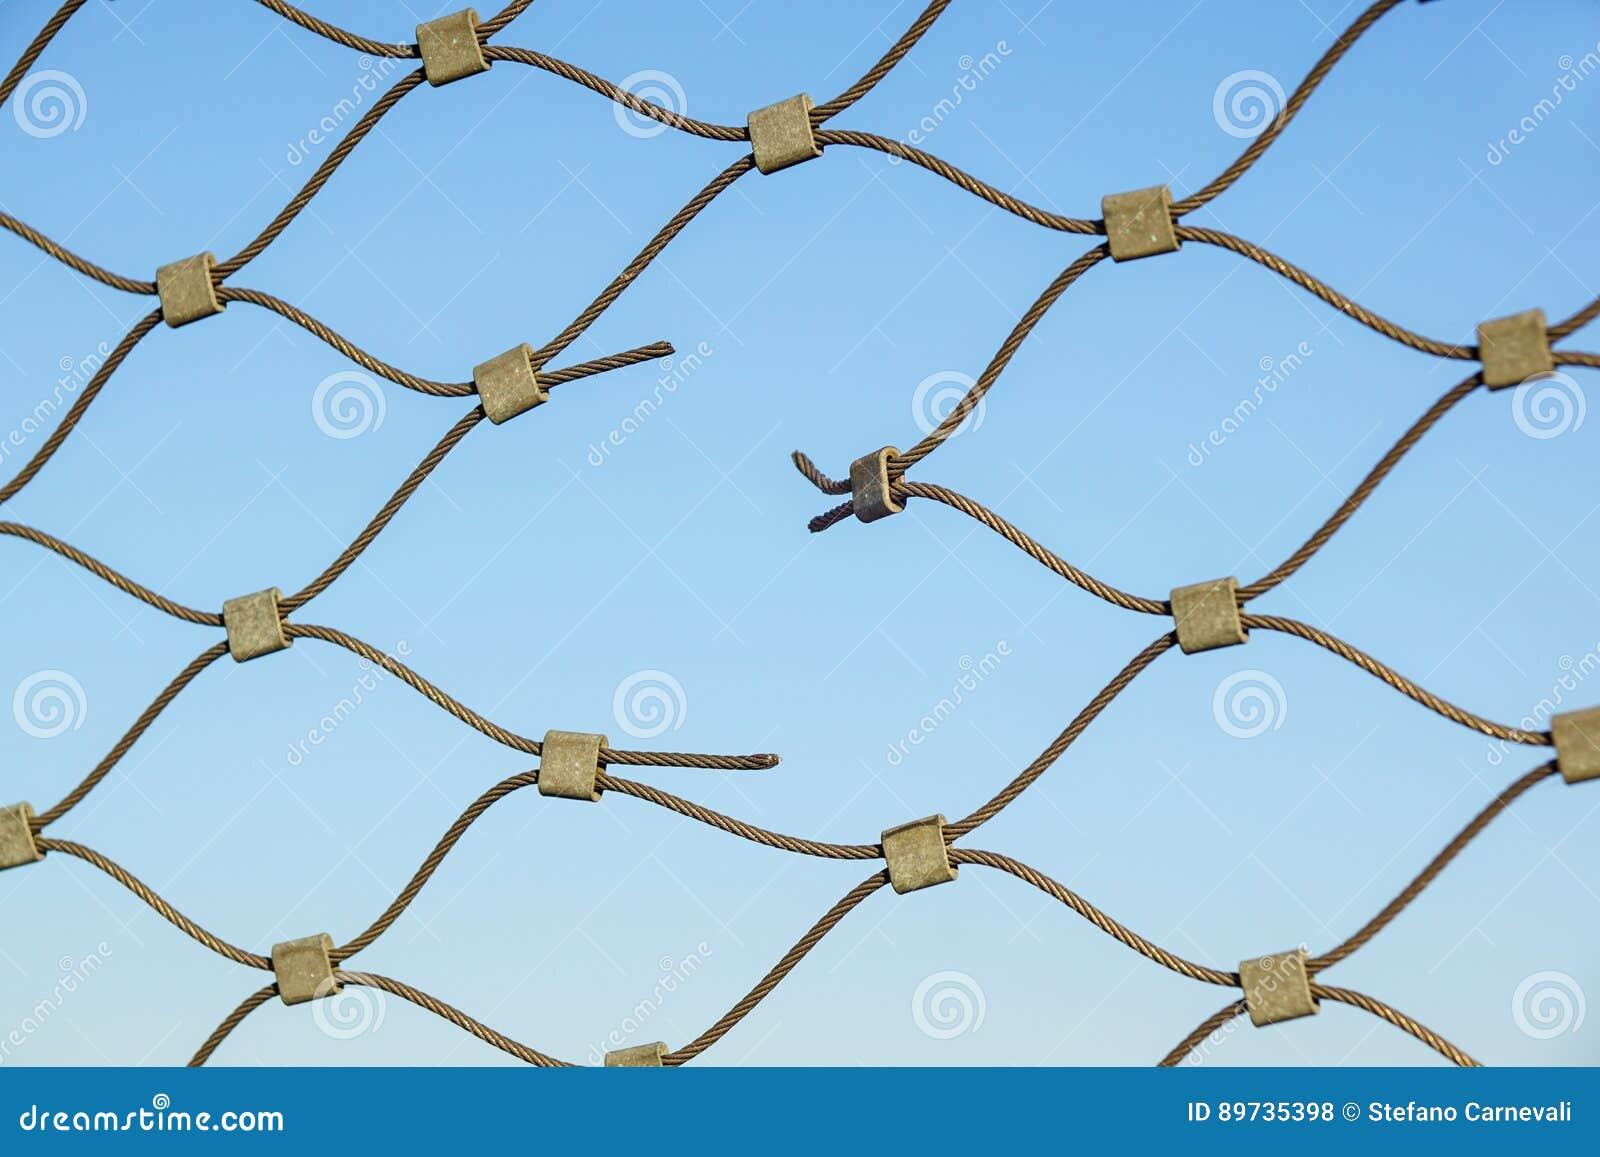 metalldraht-zaunschutz chainlink hintergrund stockfoto - bild von